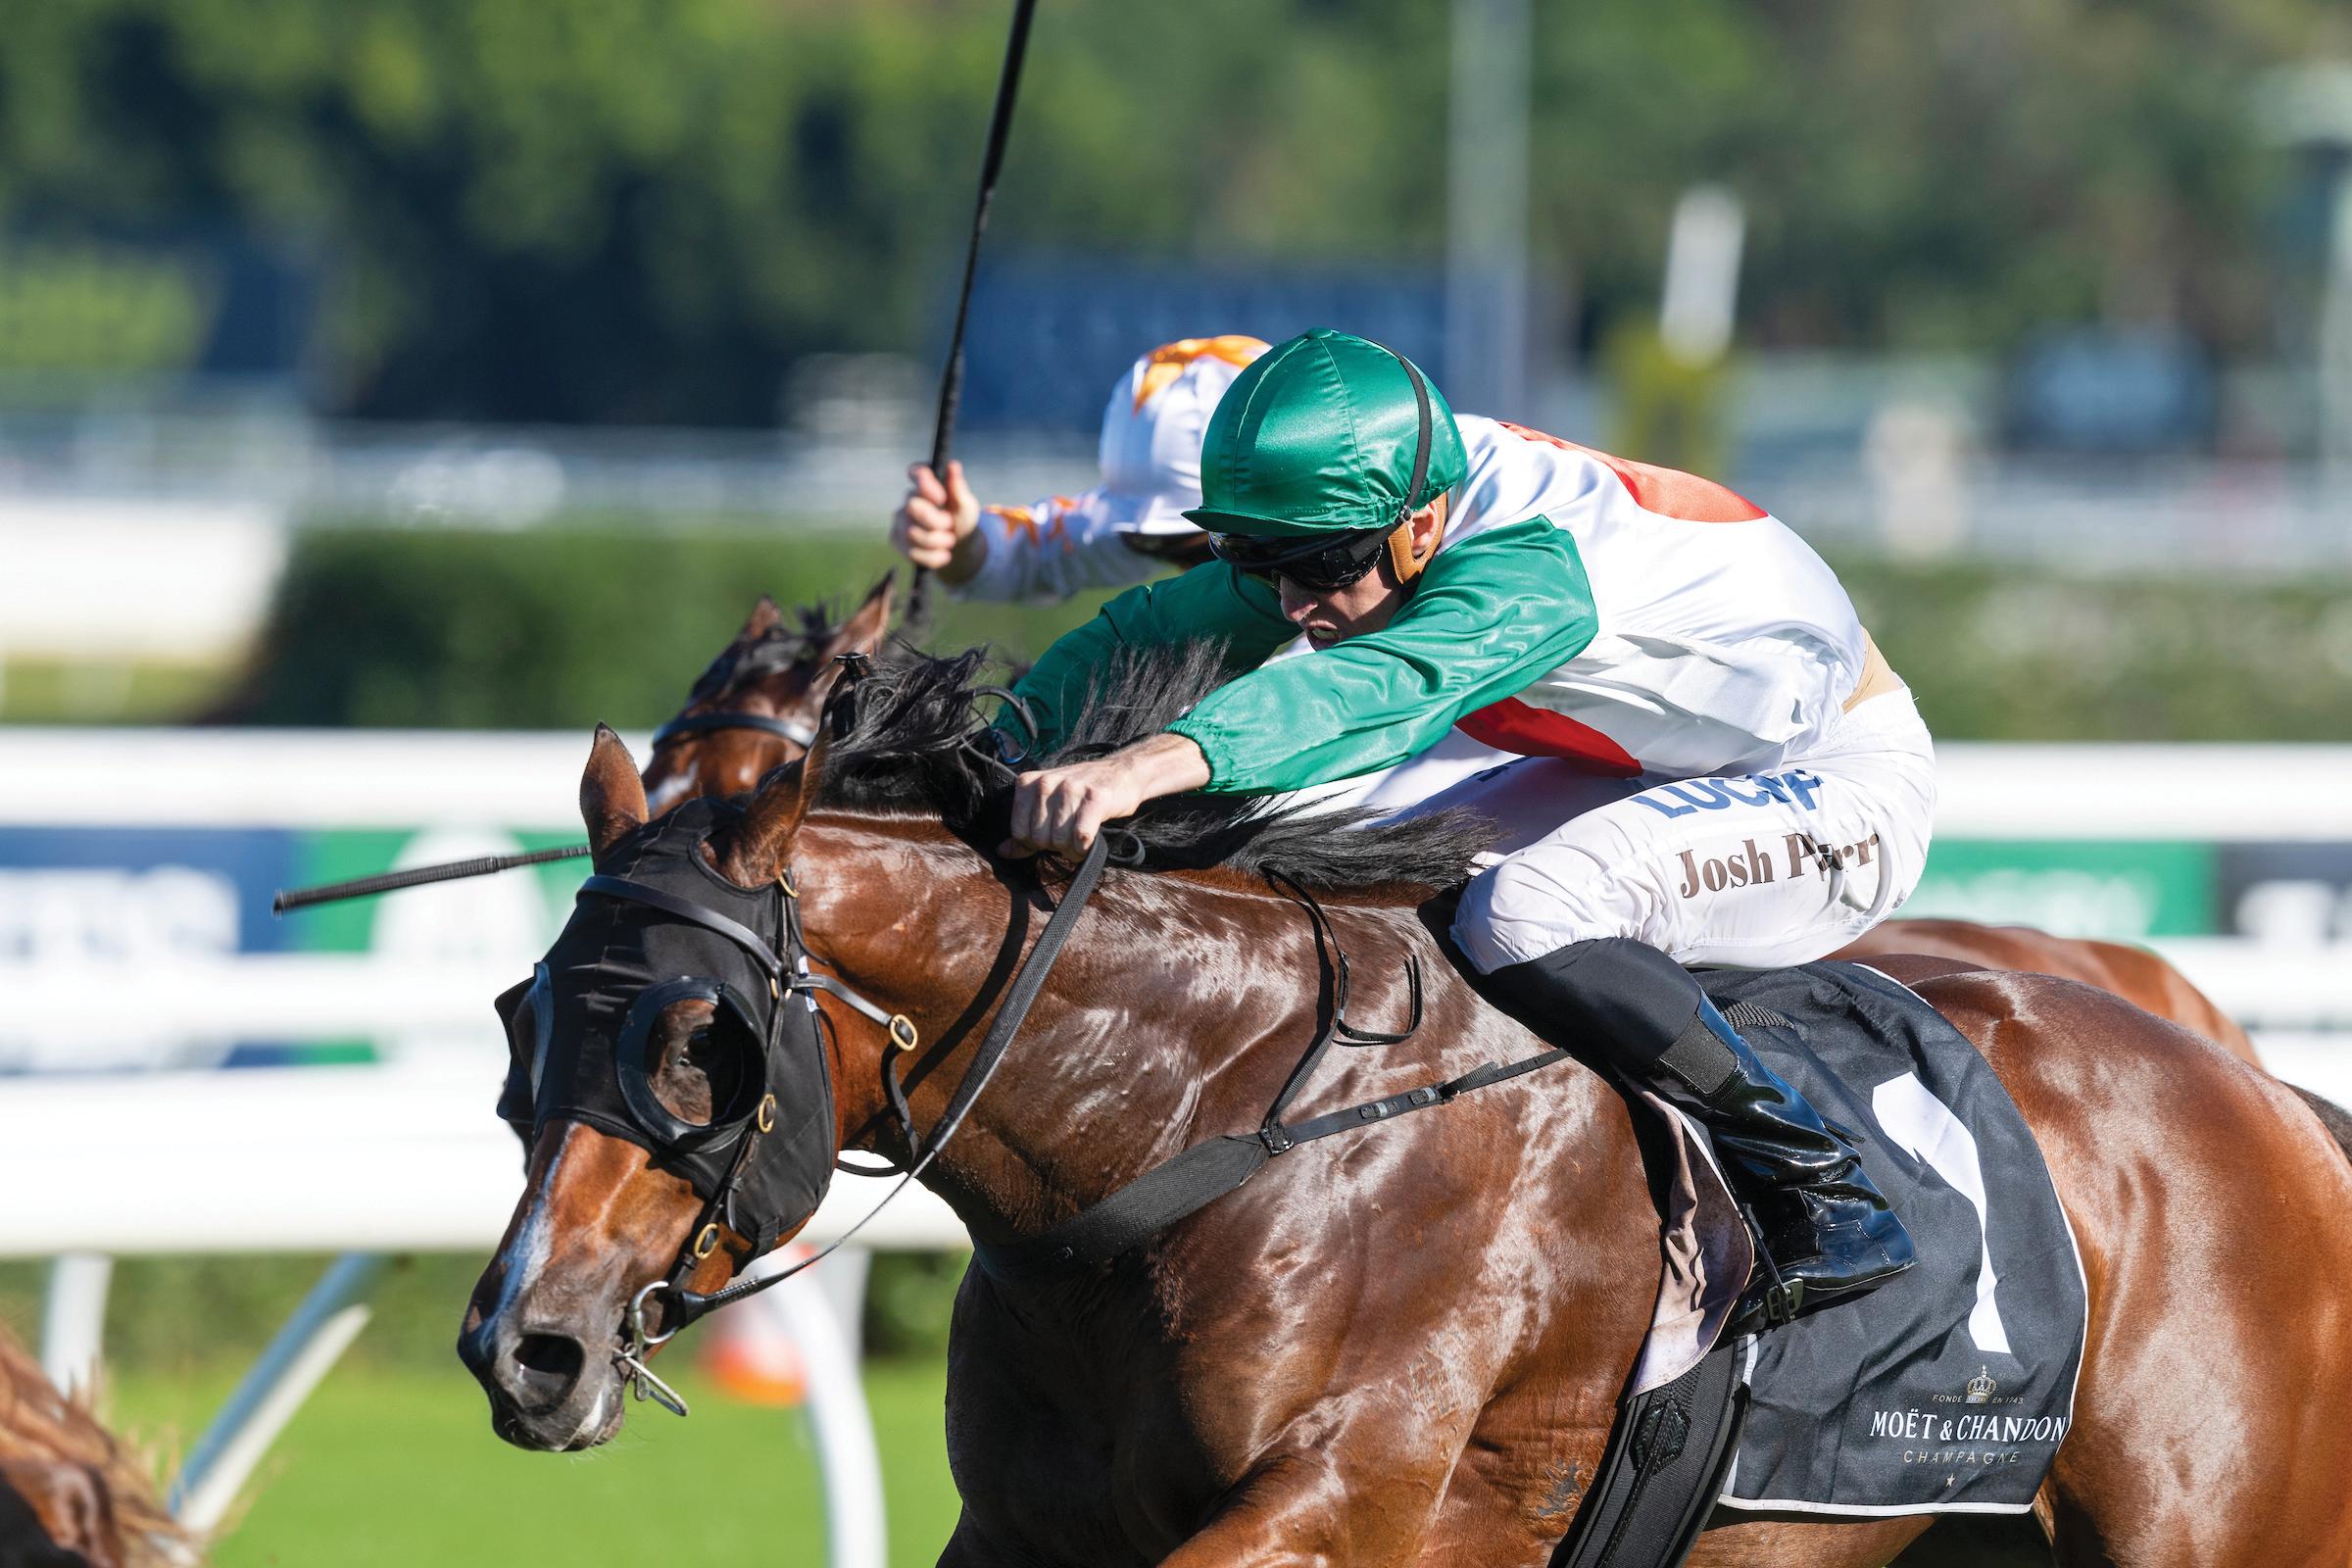 https://www.stallions.com.au/wp-content/uploads/2020/05/Castelvecchio-ParrJoshua-20190420-8480.png